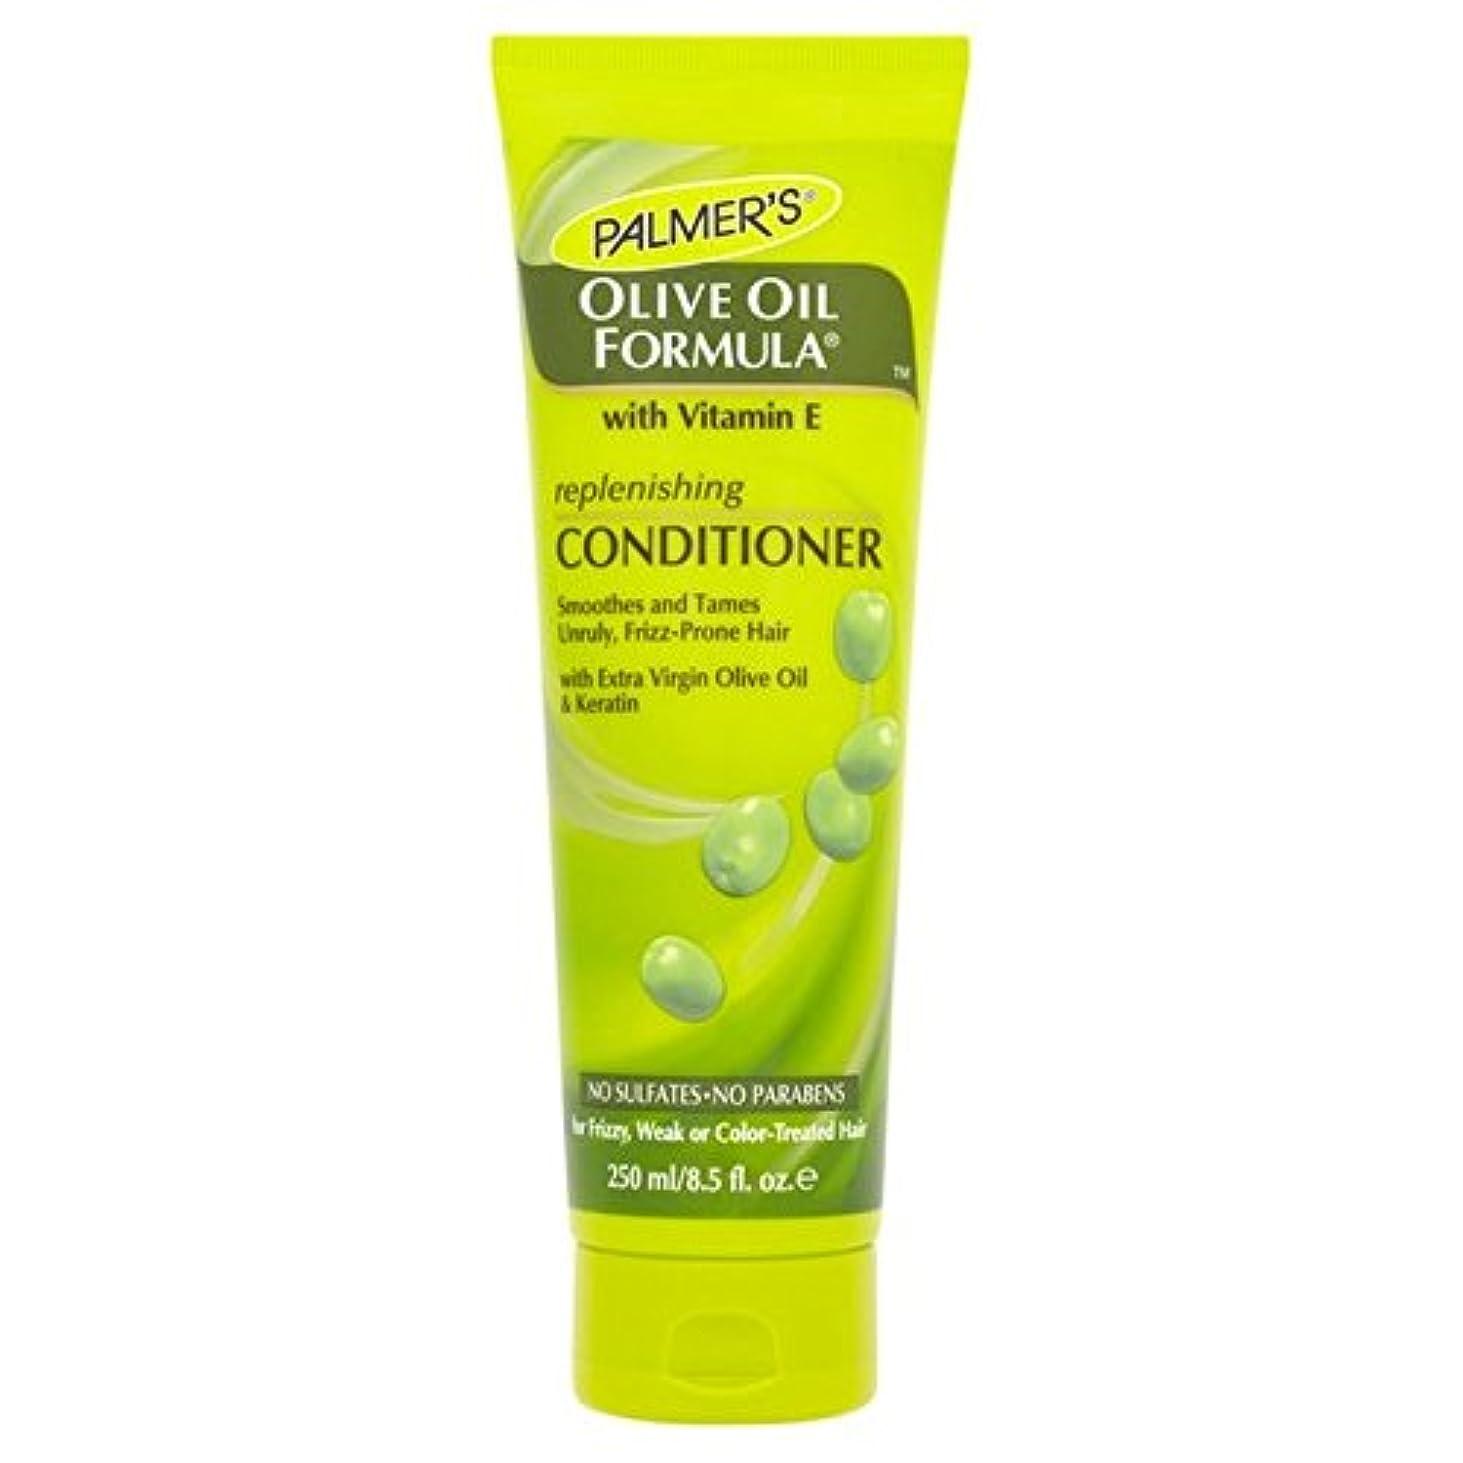 不利益集まる神社Palmer's Olive Oil Formula Restoring Conditioner 250ml - パーマーのオリーブオイル式リストアコンディショナー250 [並行輸入品]